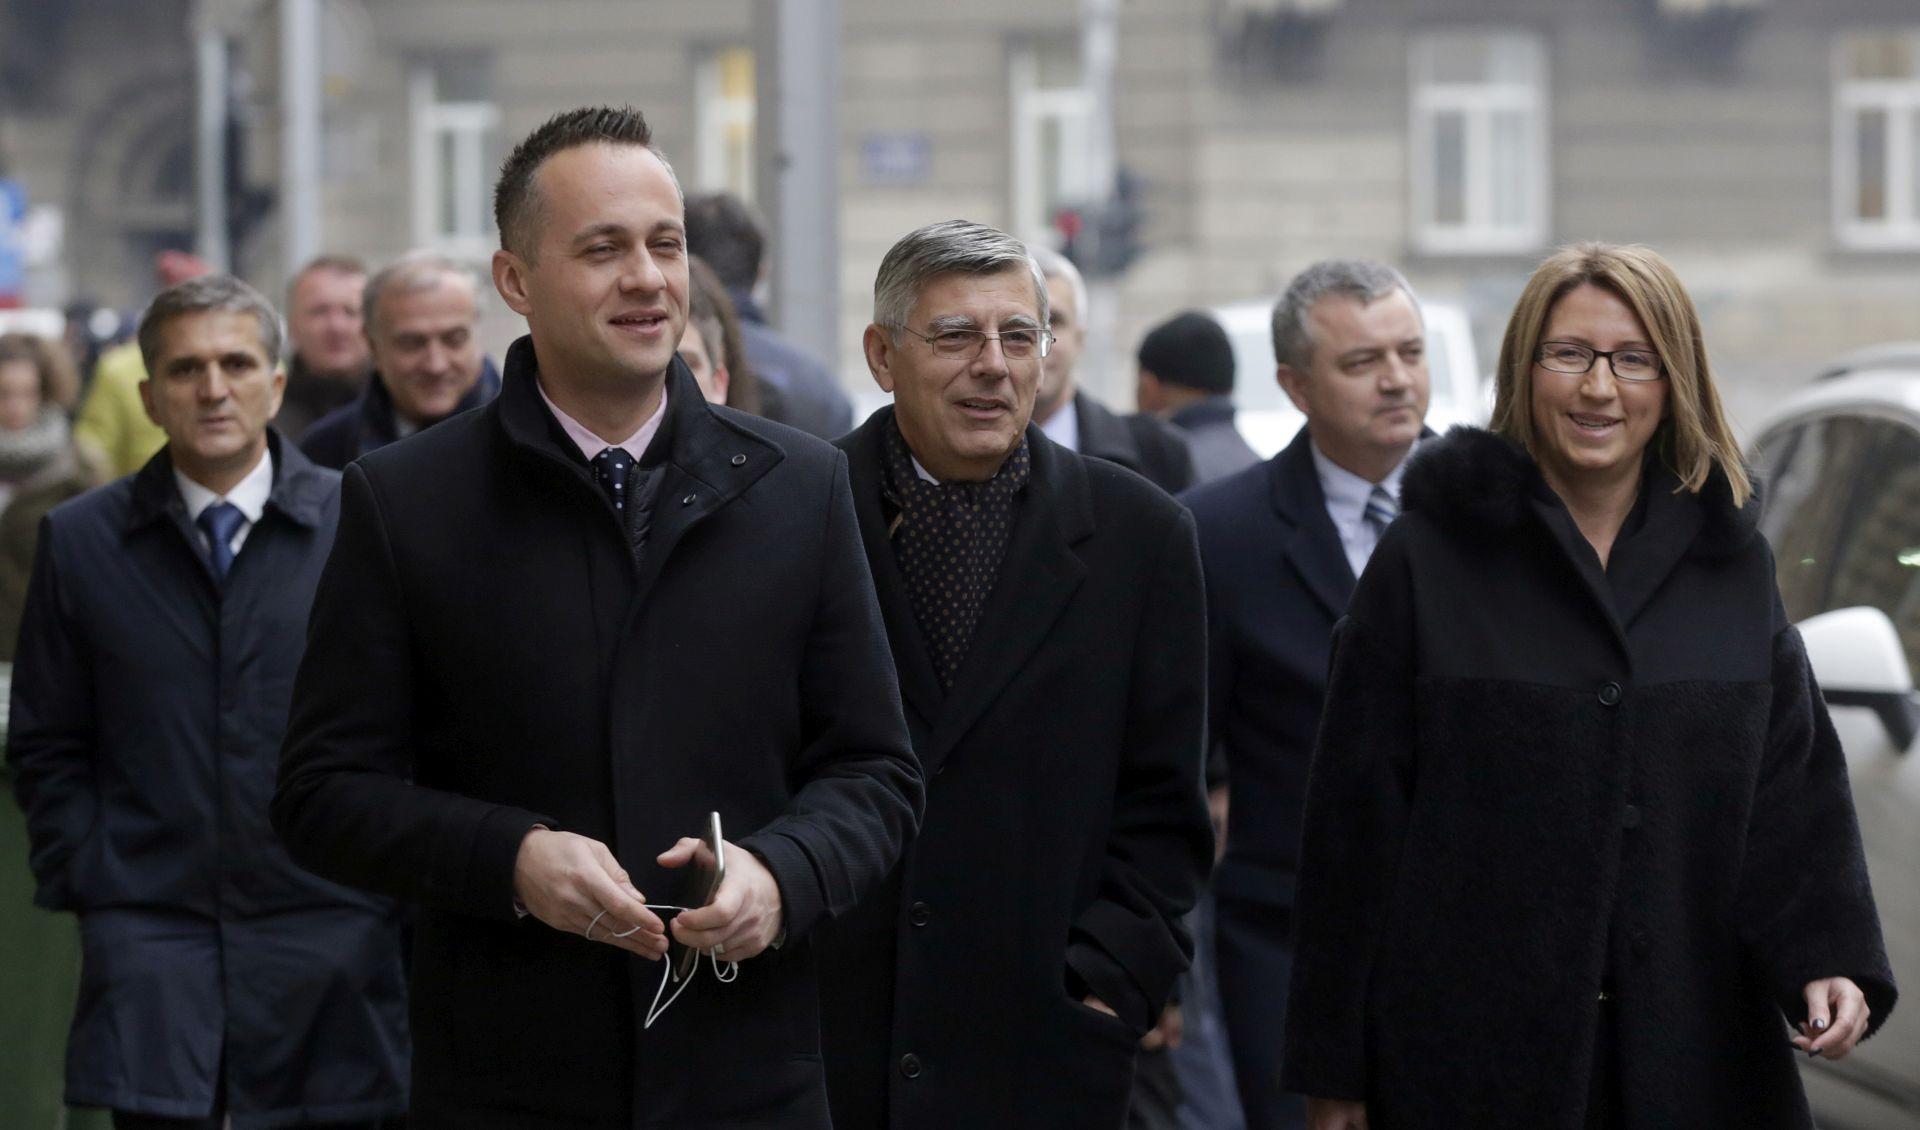 PREGOVORI O REFORMAMA: U tijeku sastanak MOST-a, HDZ-a i SDP-a: